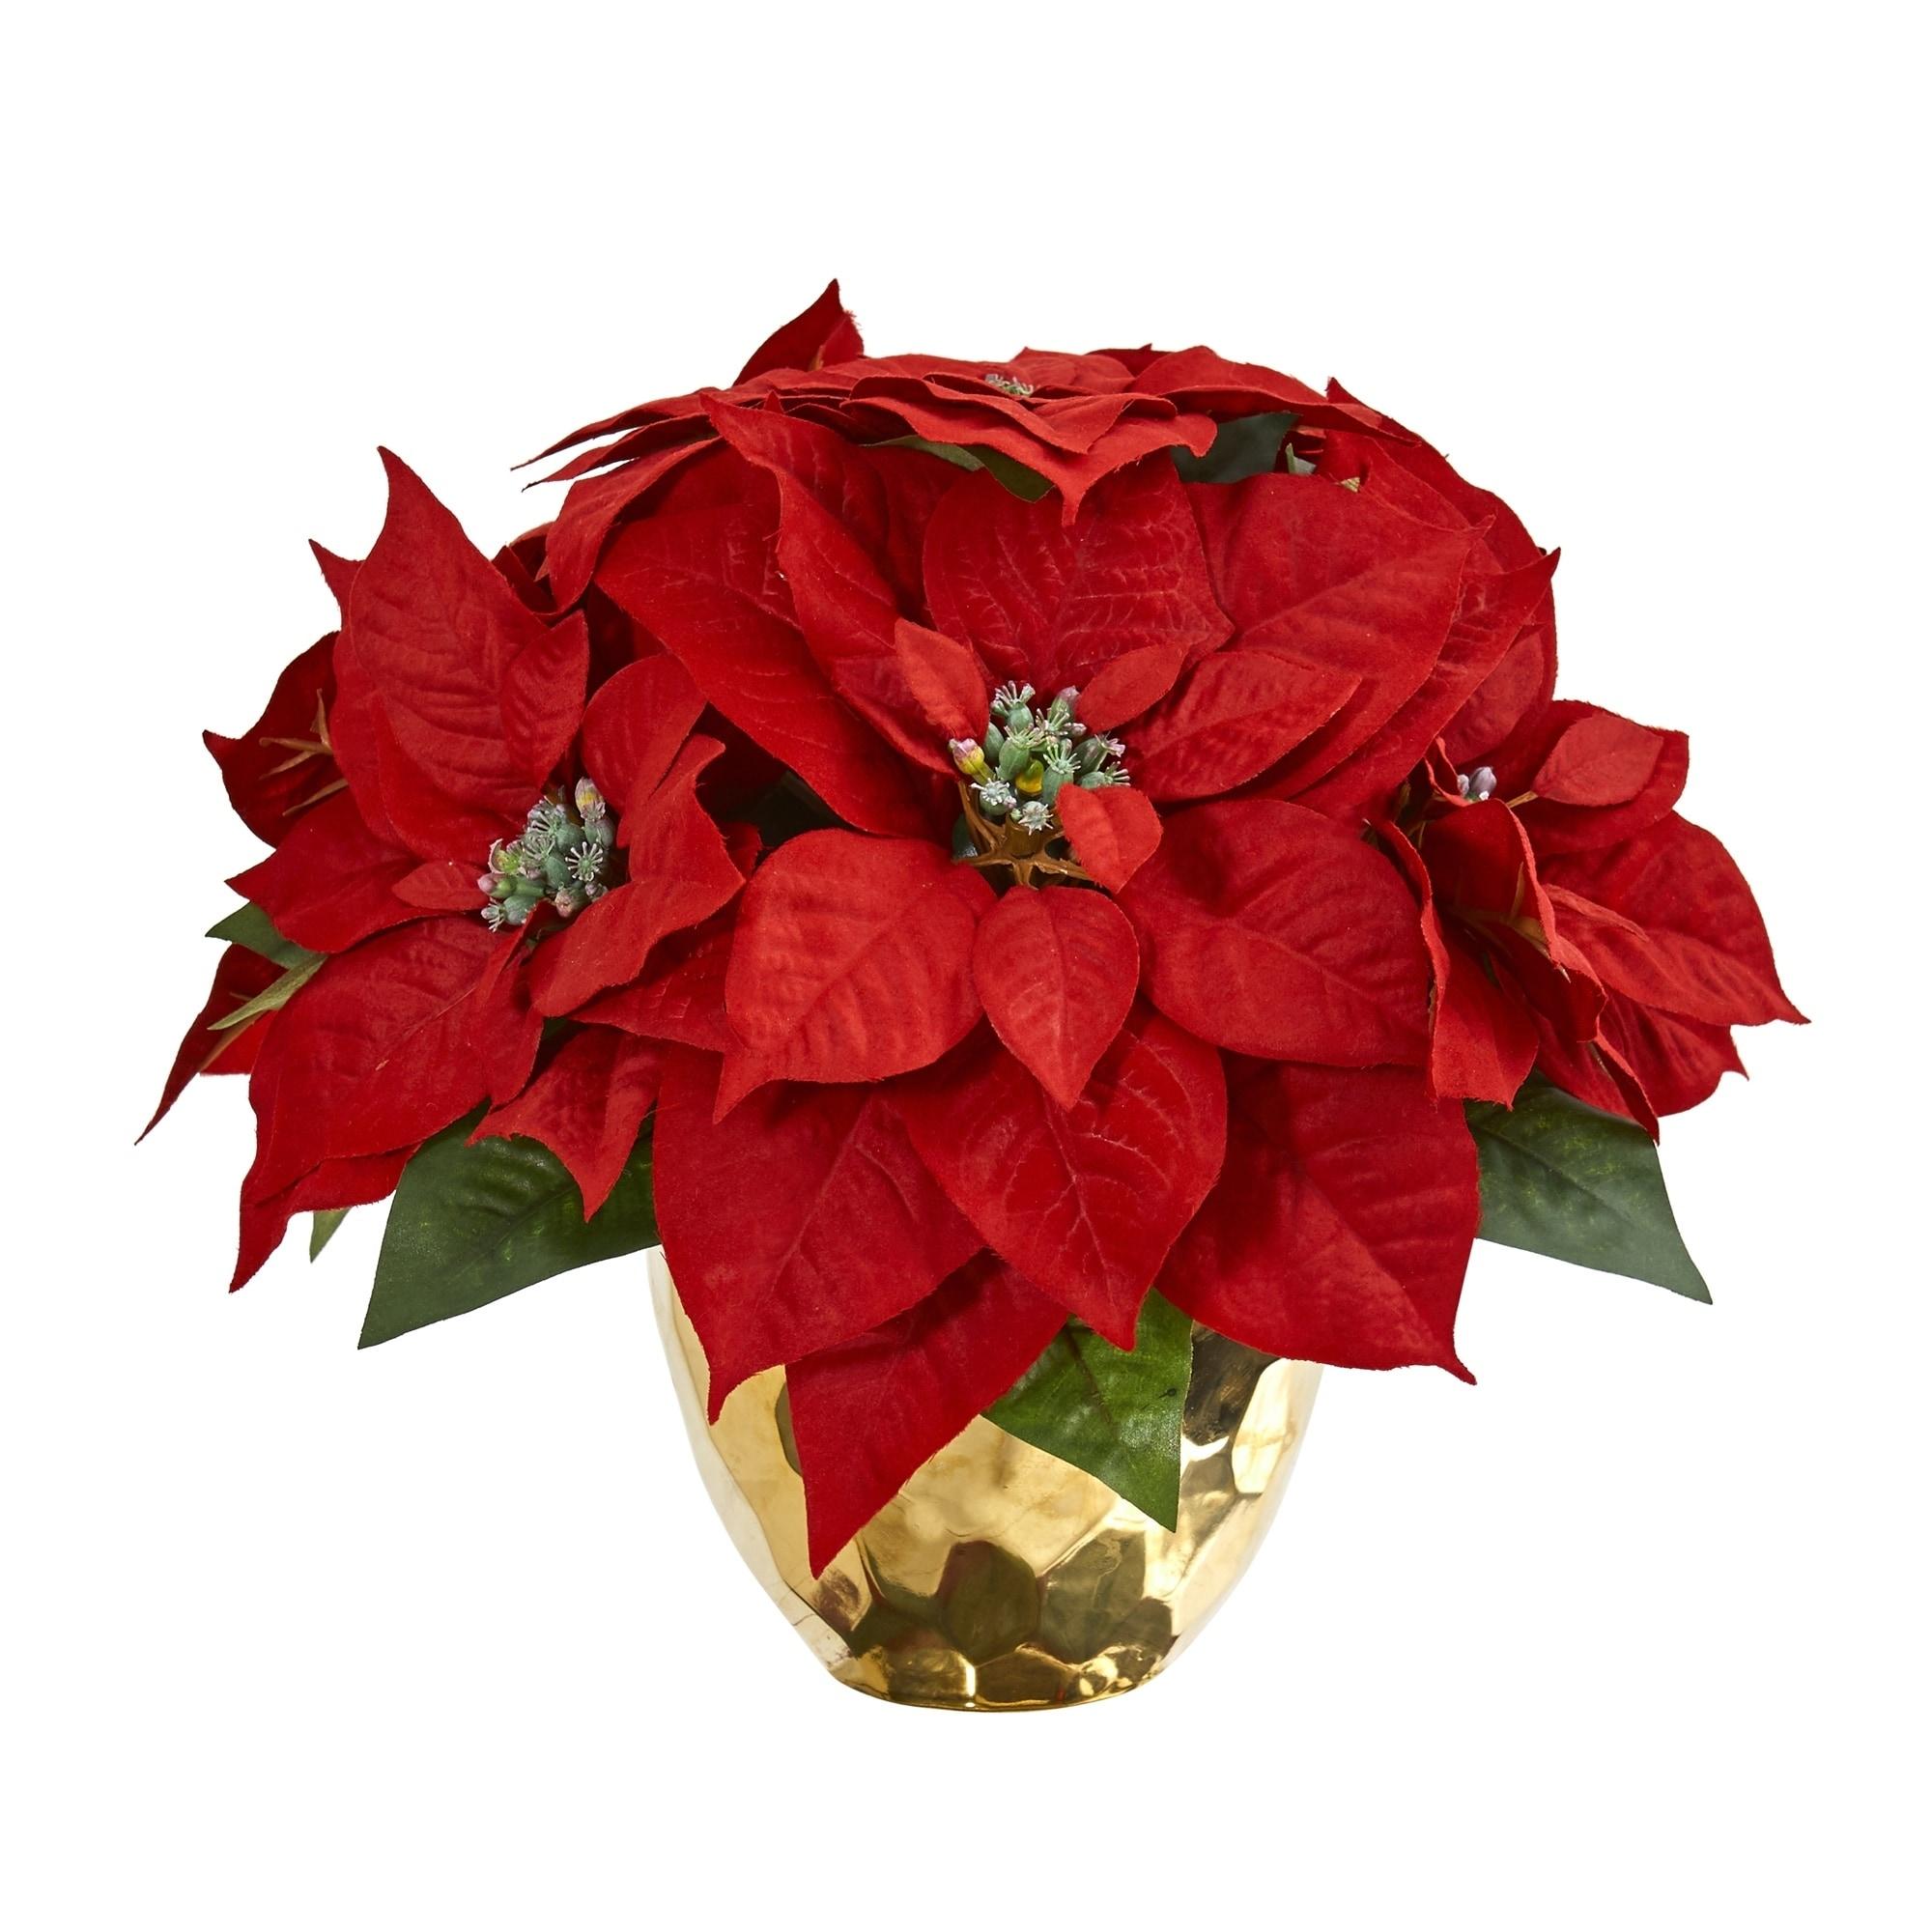 Poinsettia Artificial Arrangement in Golden Vase